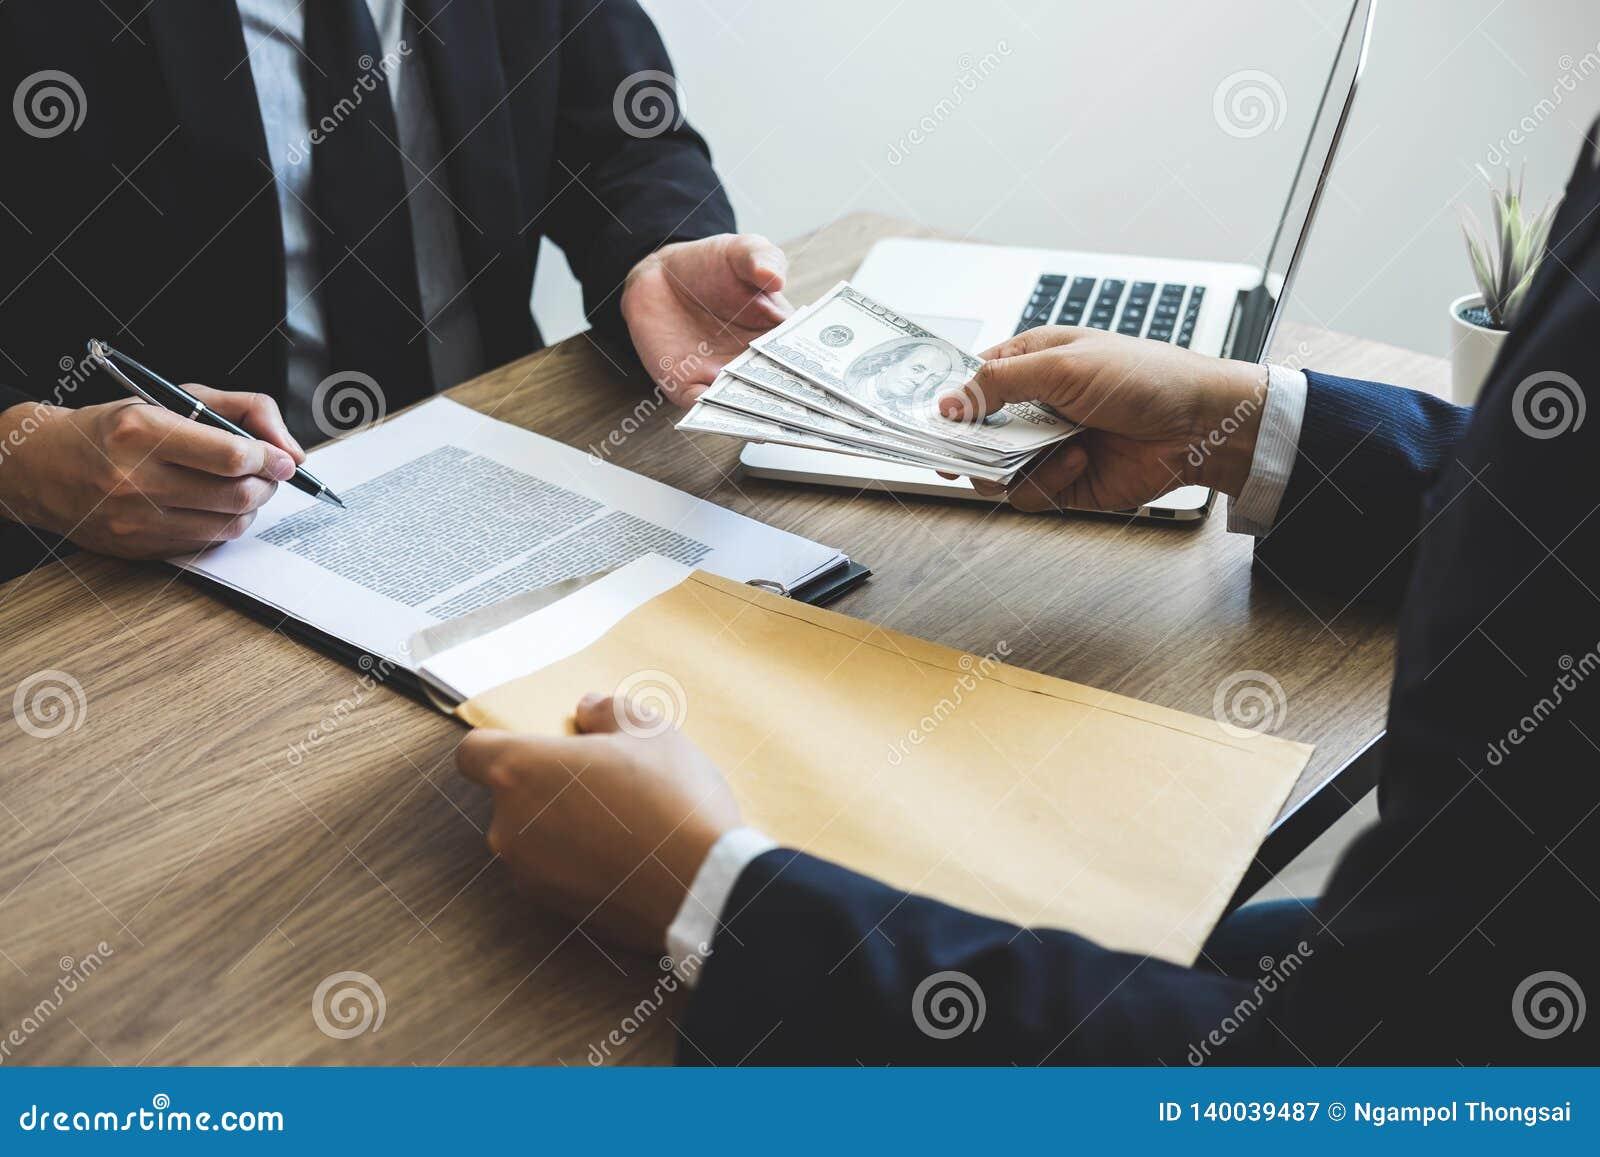 Fraude Malhonnete En Argent Illegal D Affaires Homme D Affaires Donnant L Argent De Paiement Illicite Chez Les Hommes D Affaires Image Stock Image Du Fraude Paiement 140039487